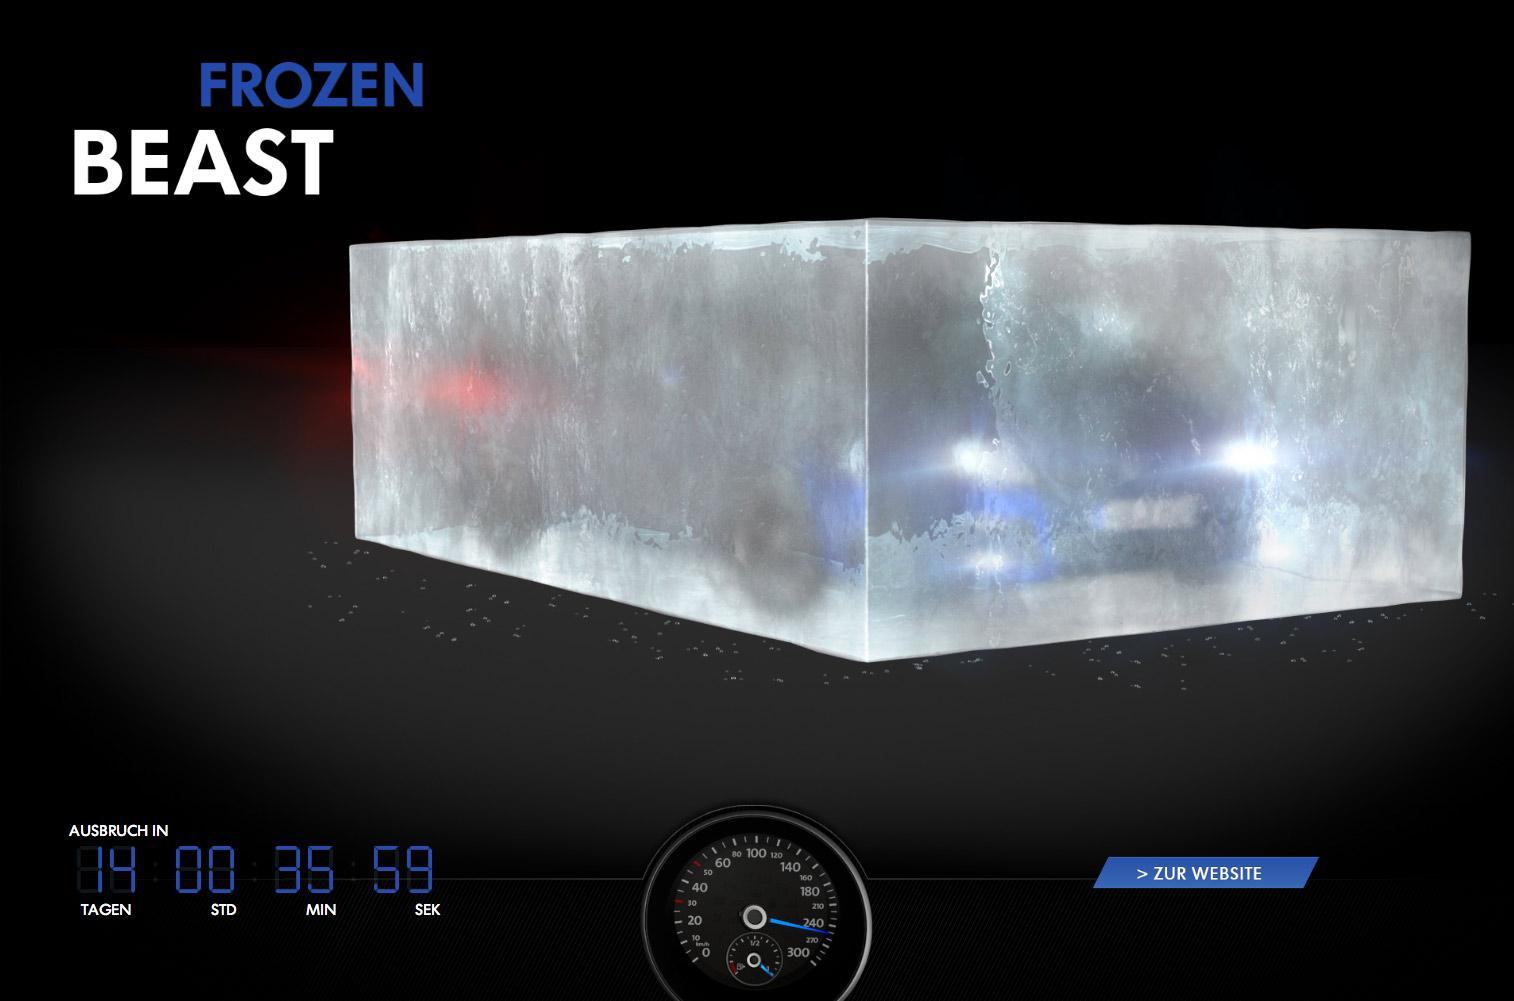 frozen r 600x396